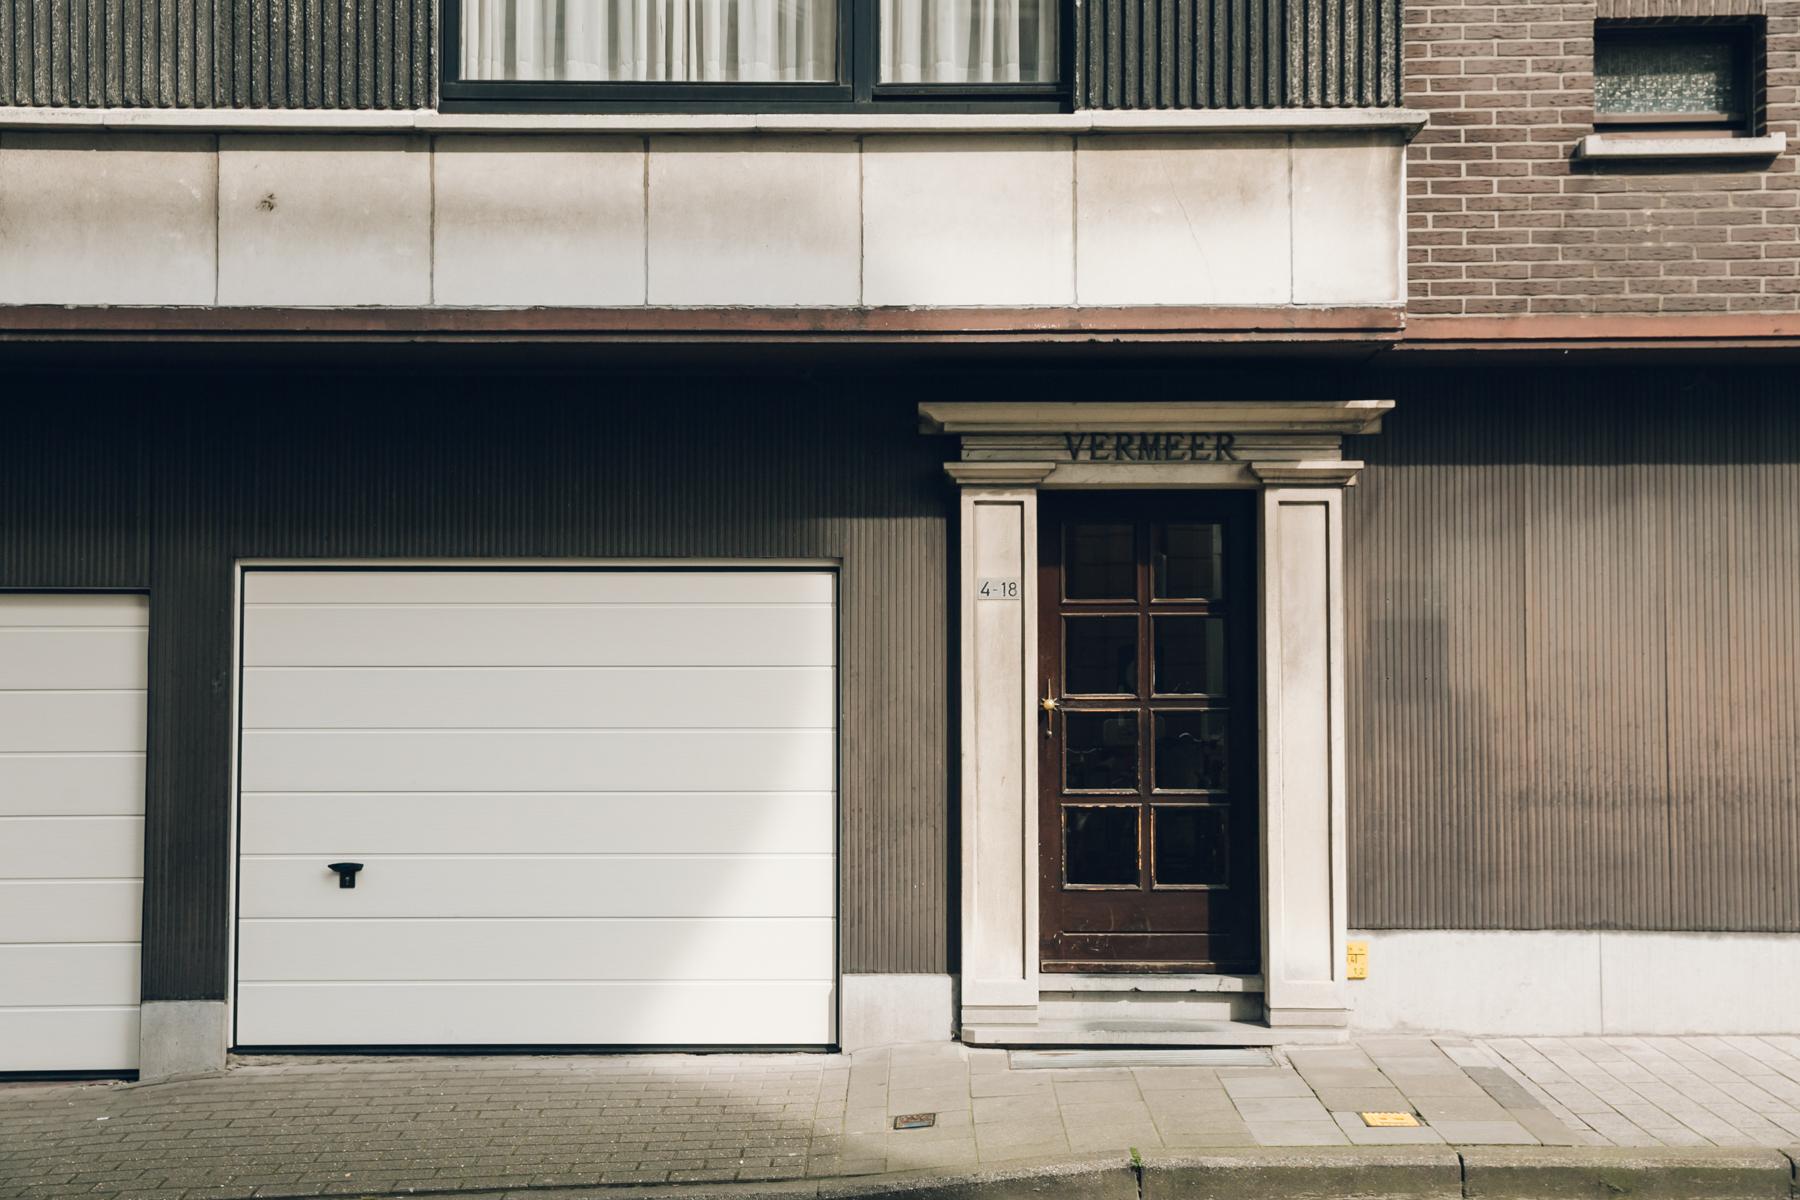 Exploring architecture in Ghent, Belgium.